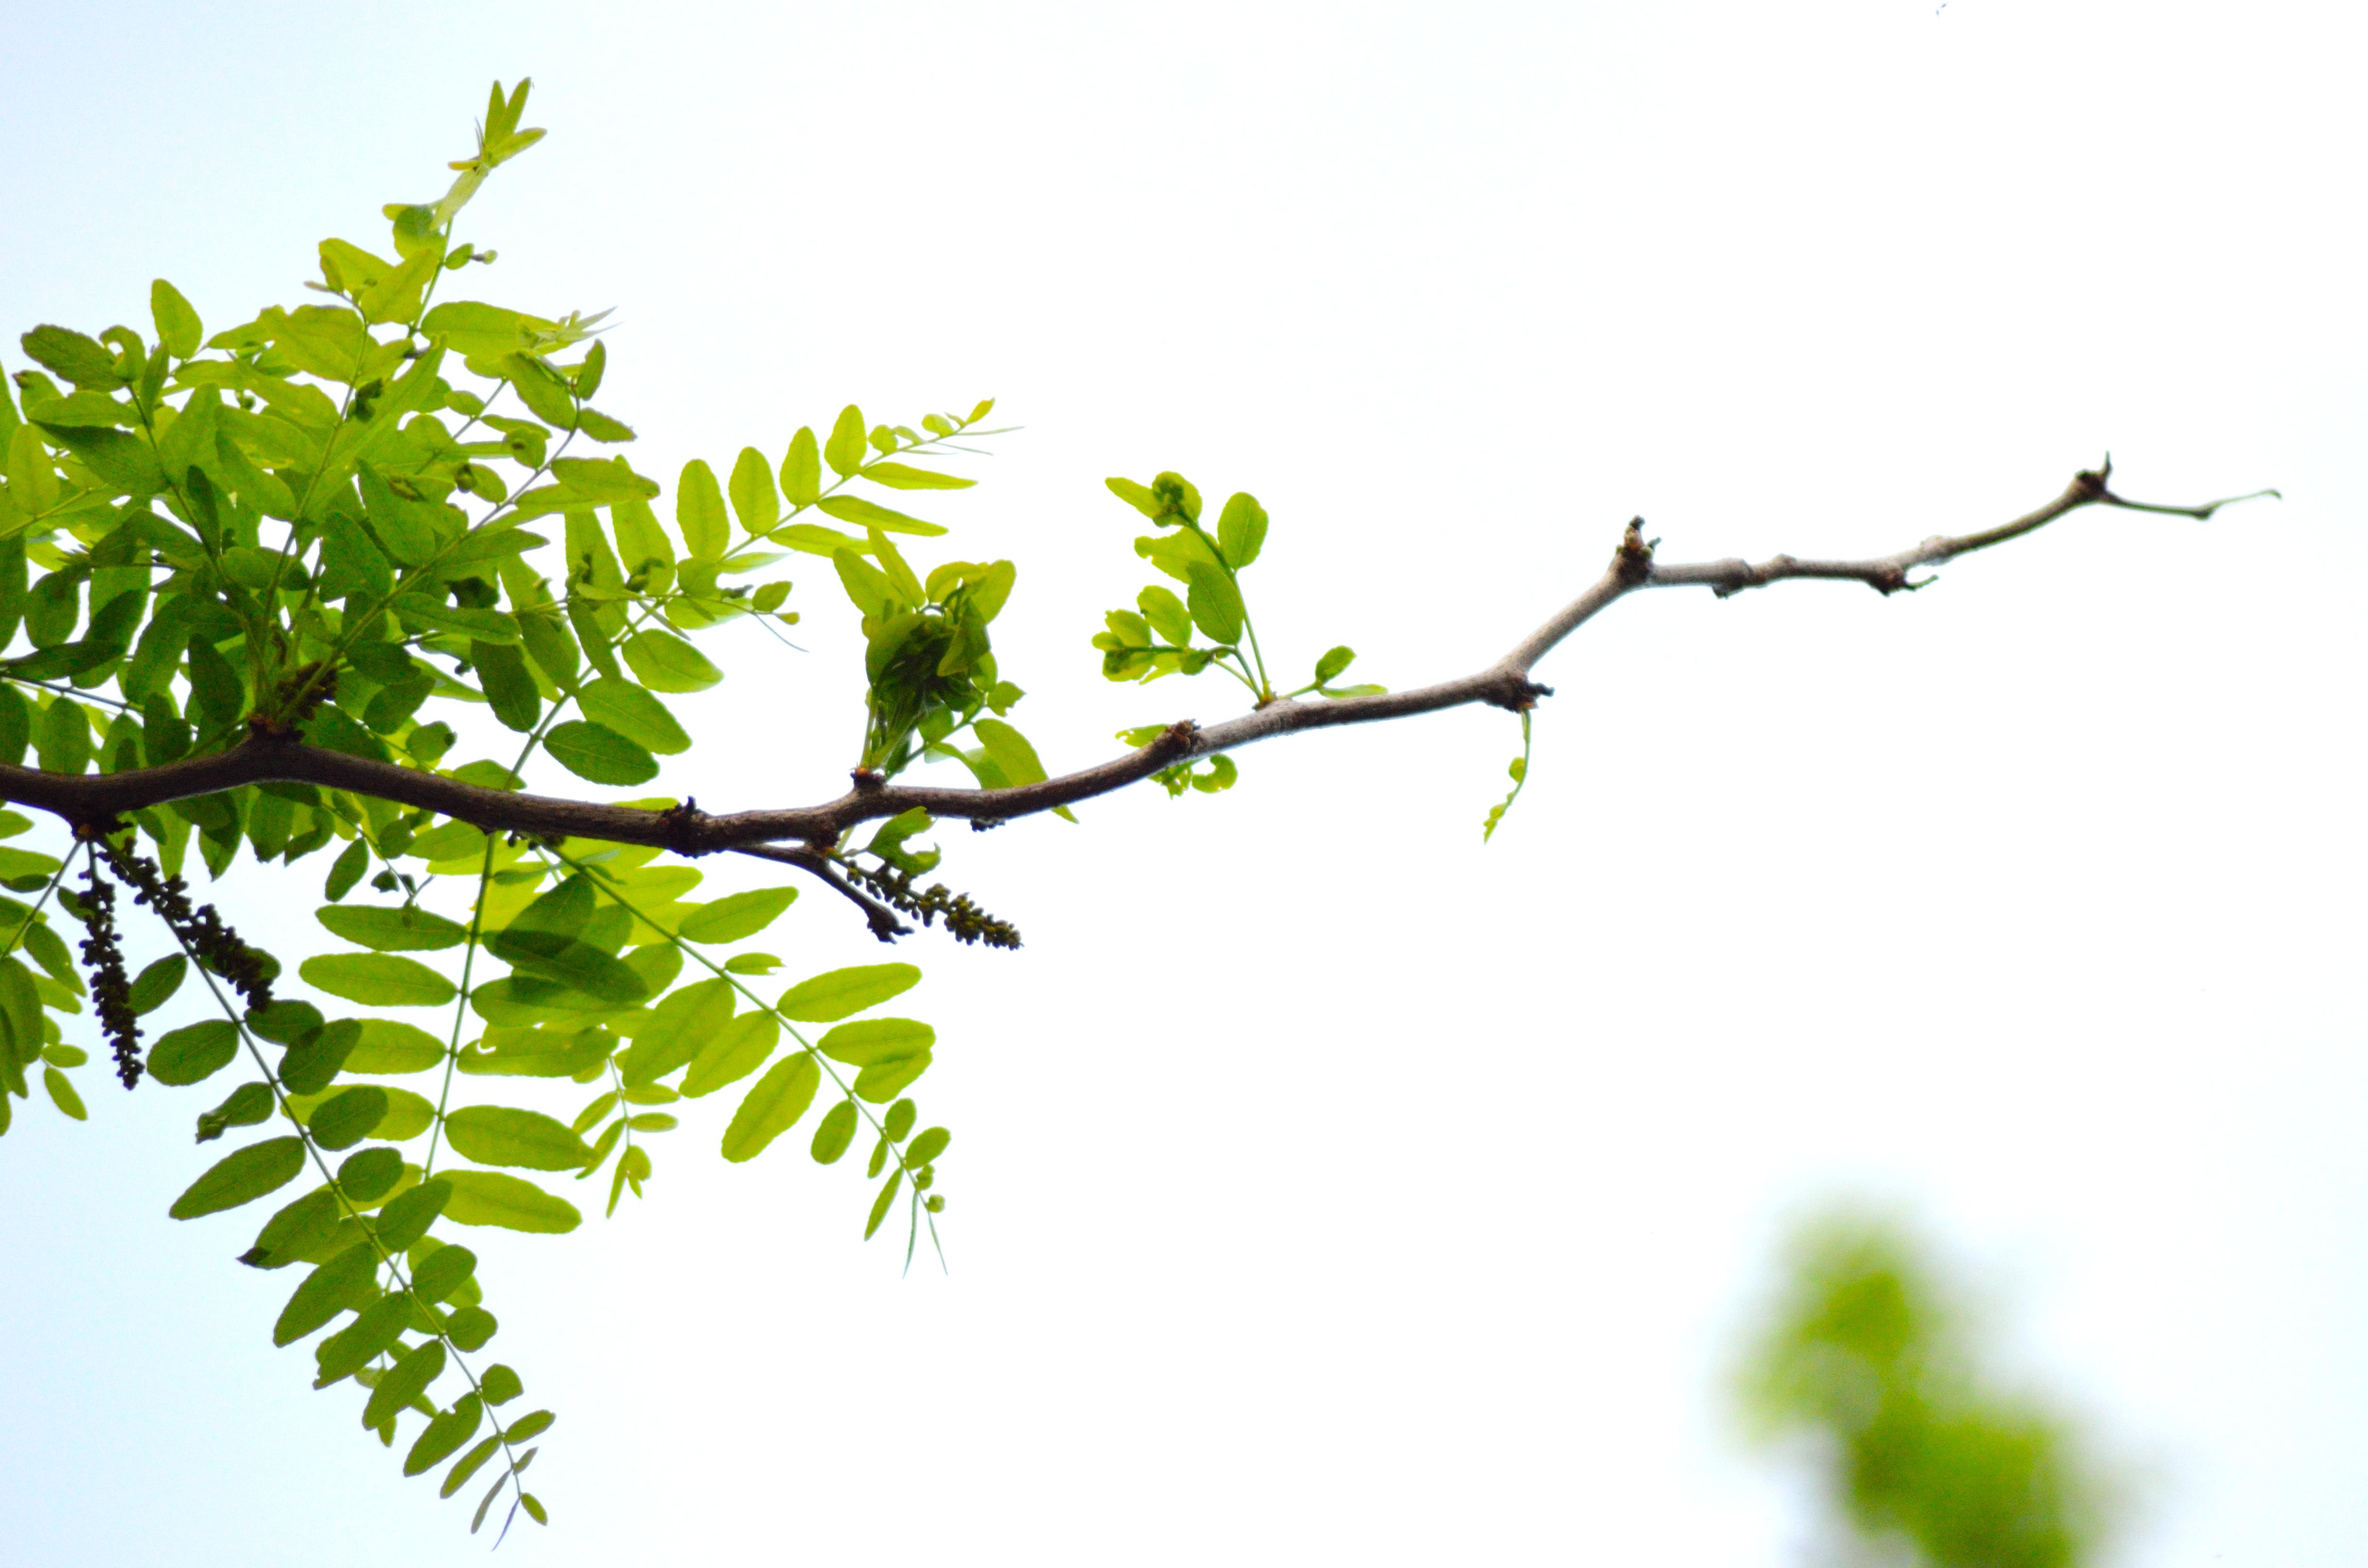 Branch photo